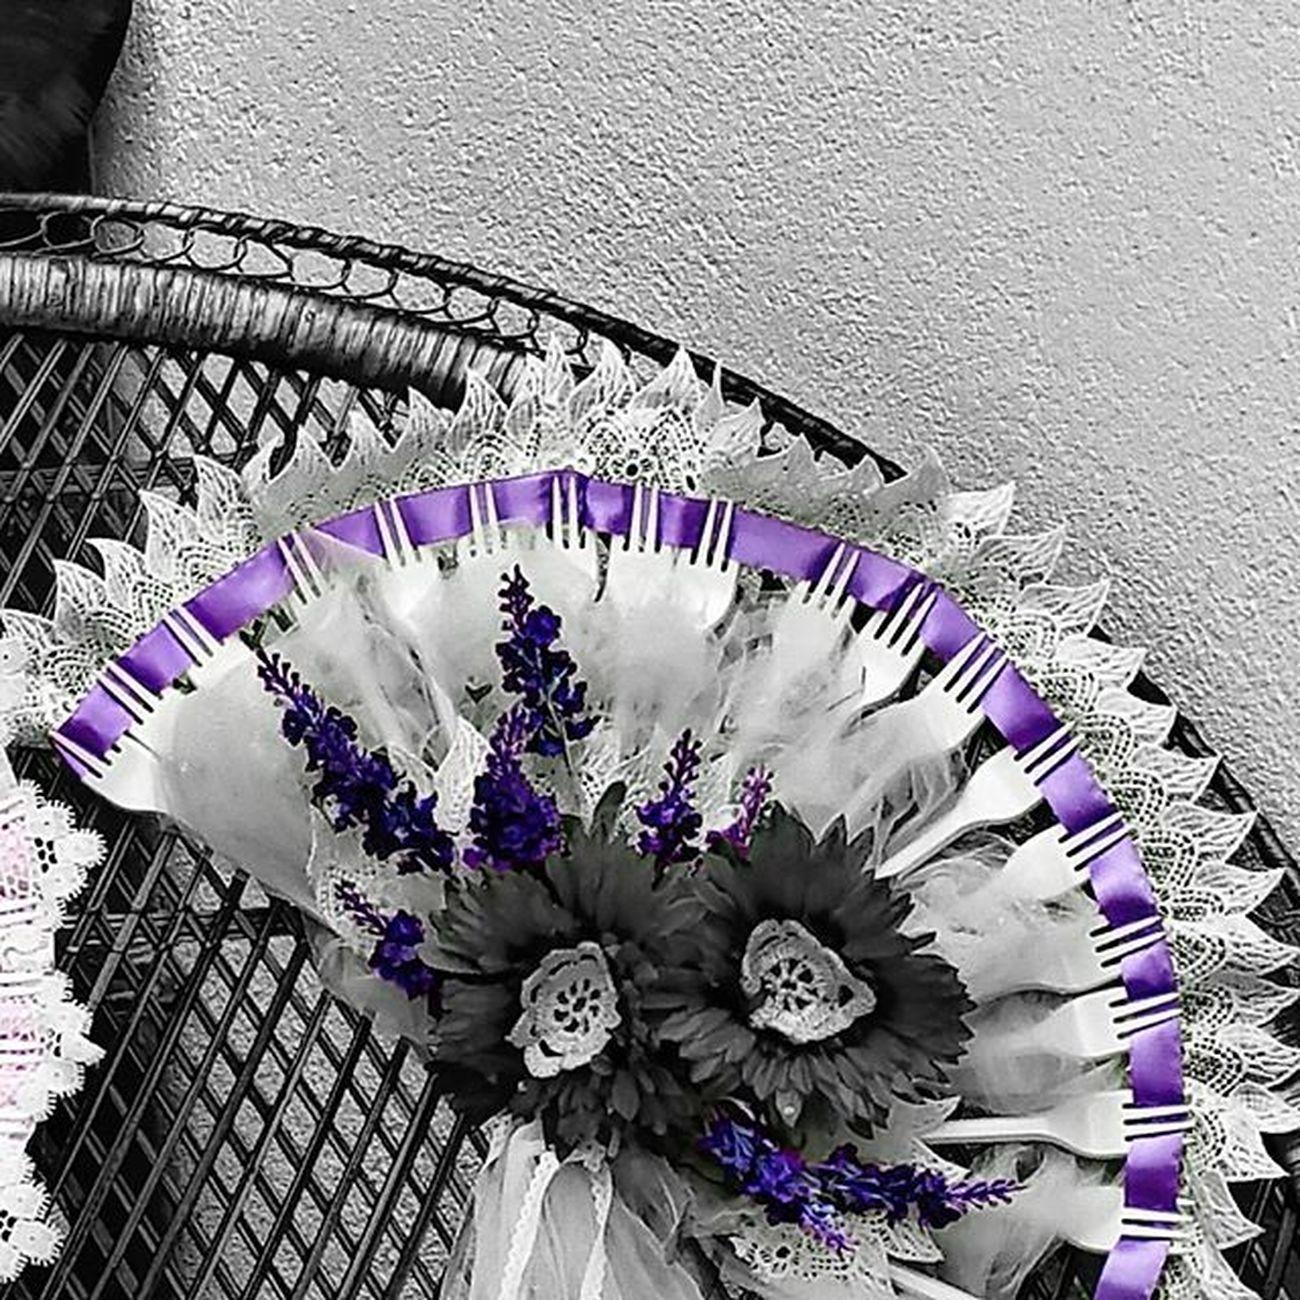 La Festa de les Flors Ermita de les Alegries 2016 ViuLloret Lloret_es_molt_més @lesalegrieslloret Festadelesflors2016 Naturaleza_catalunya Estaes_flores Estaes_detodo Arteemfoco Arte_of_nature Rd_lloret Descobreixcatalunya Raconsde_catalunya Gaudeix_cat Clikcat Catalunya_color Ok_catalunya